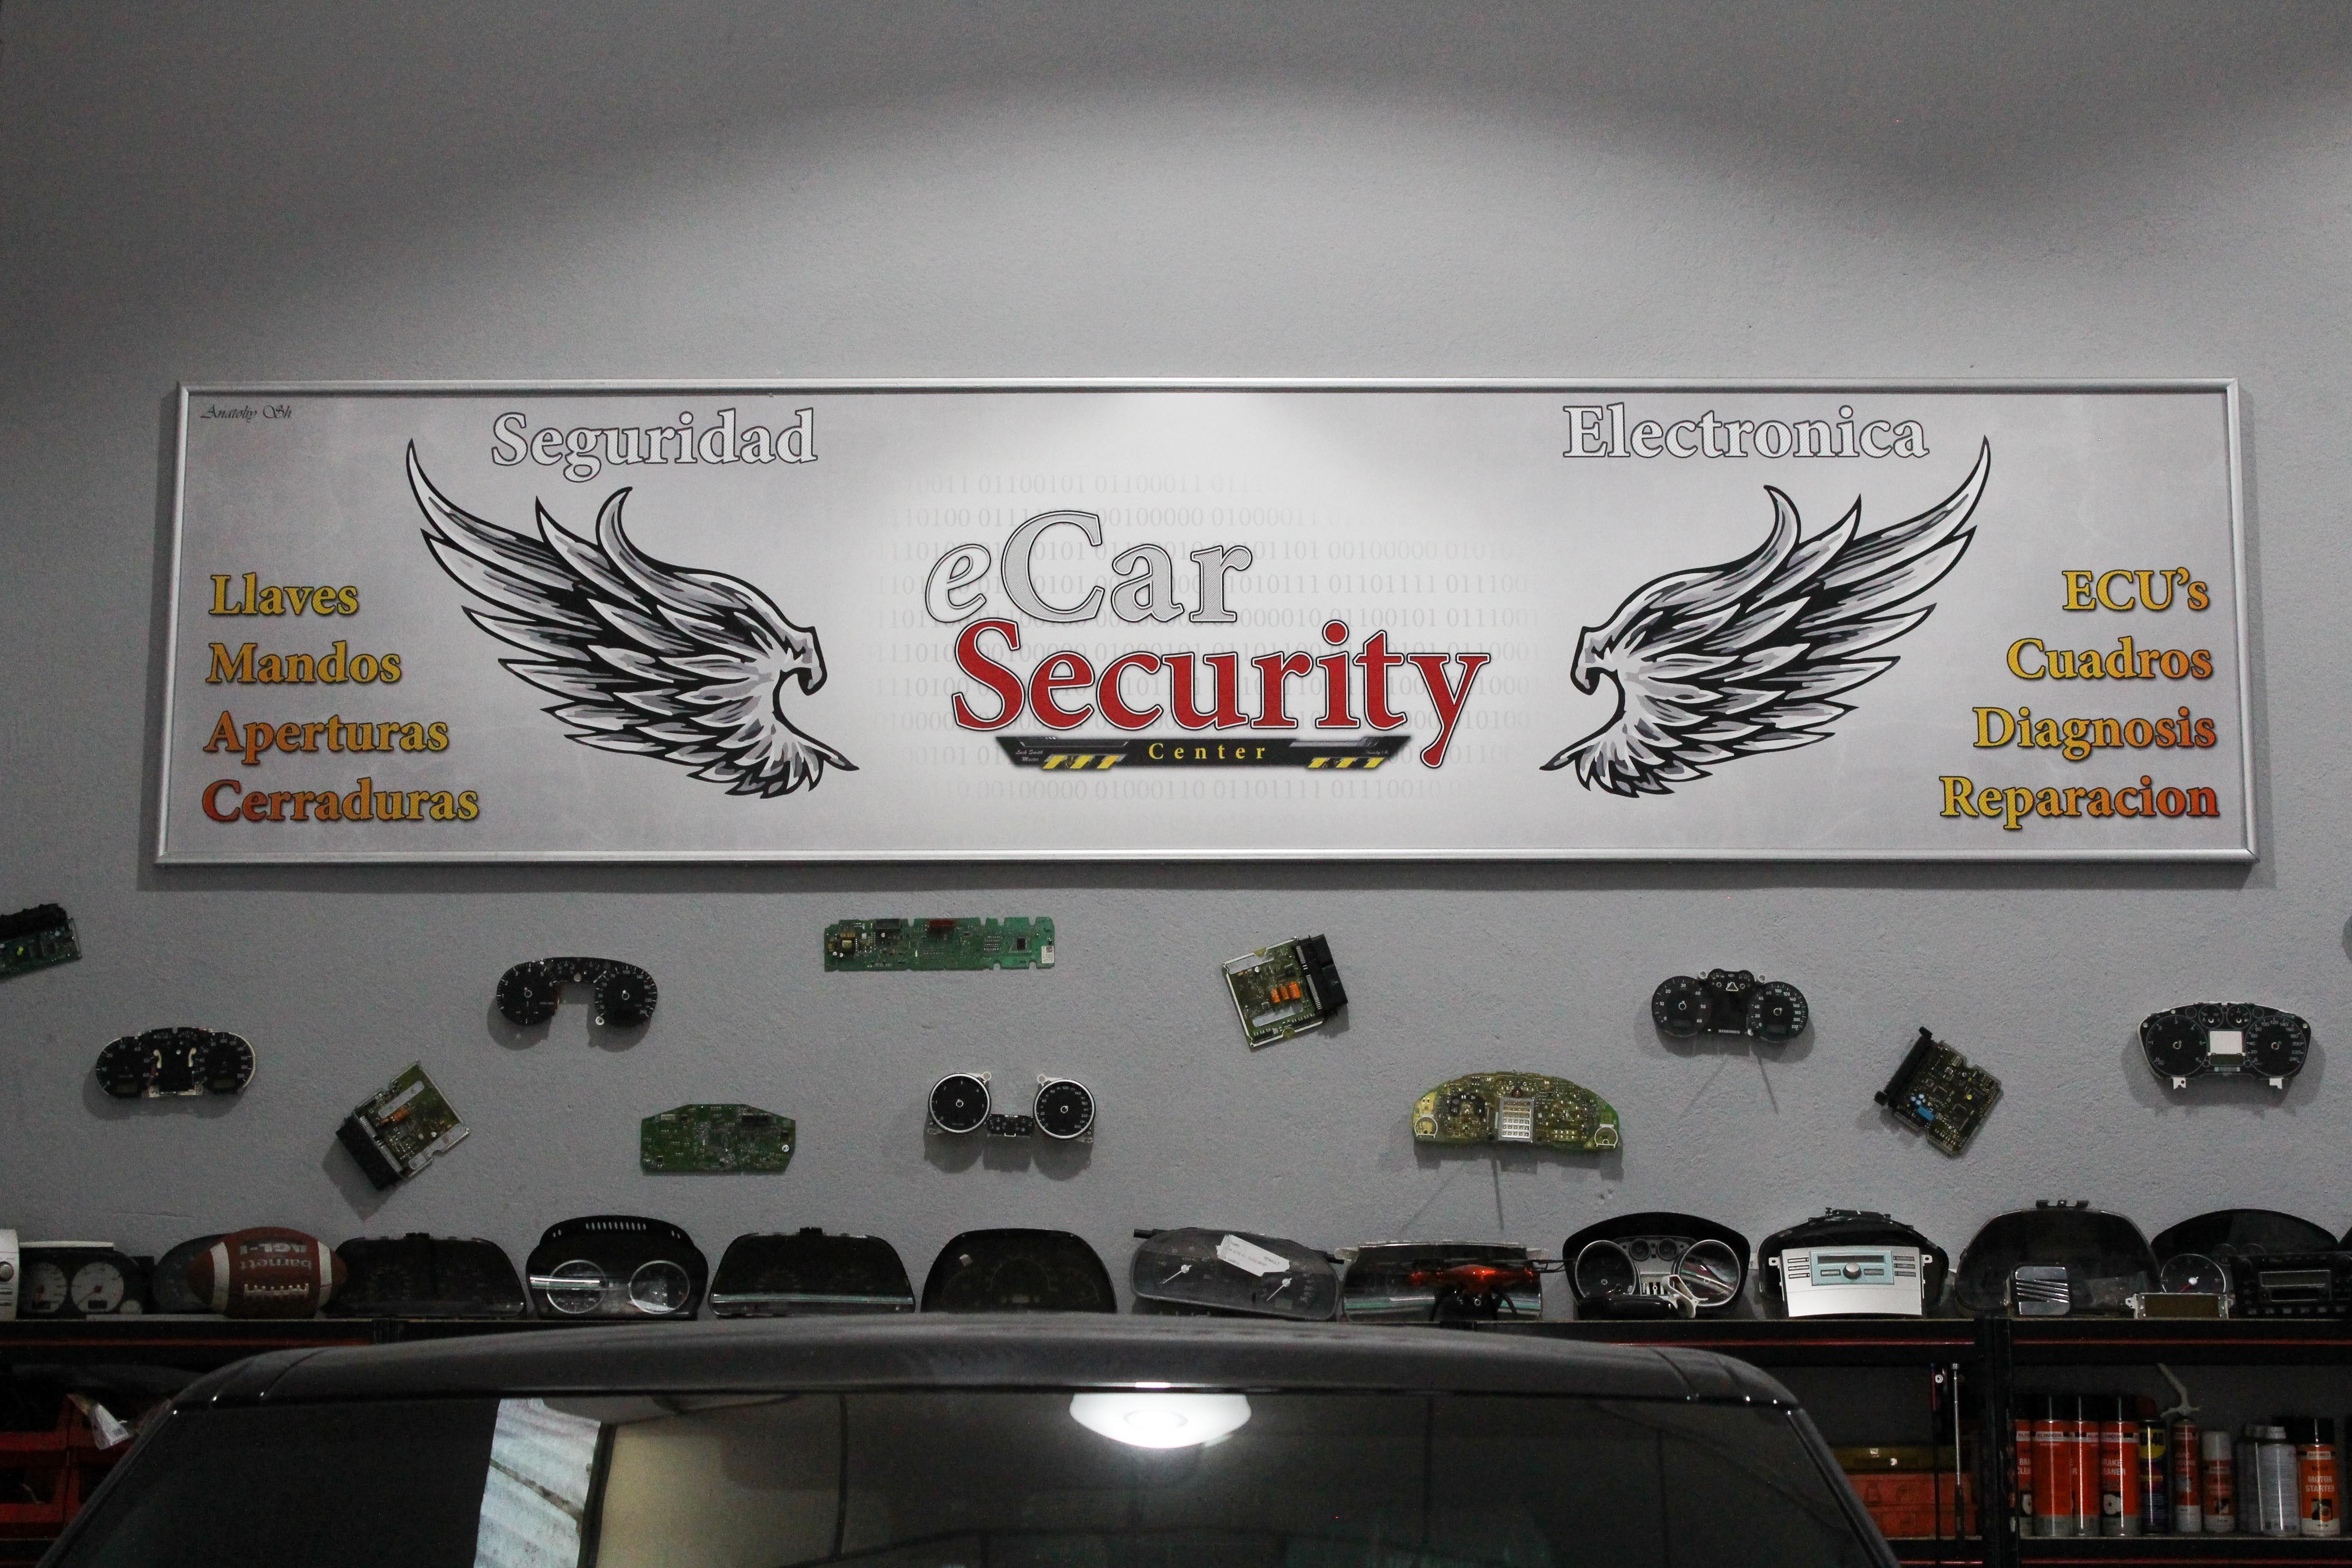 Foto 12 de Cerrajería del automóvil en Alcorcón | eCarSecurity